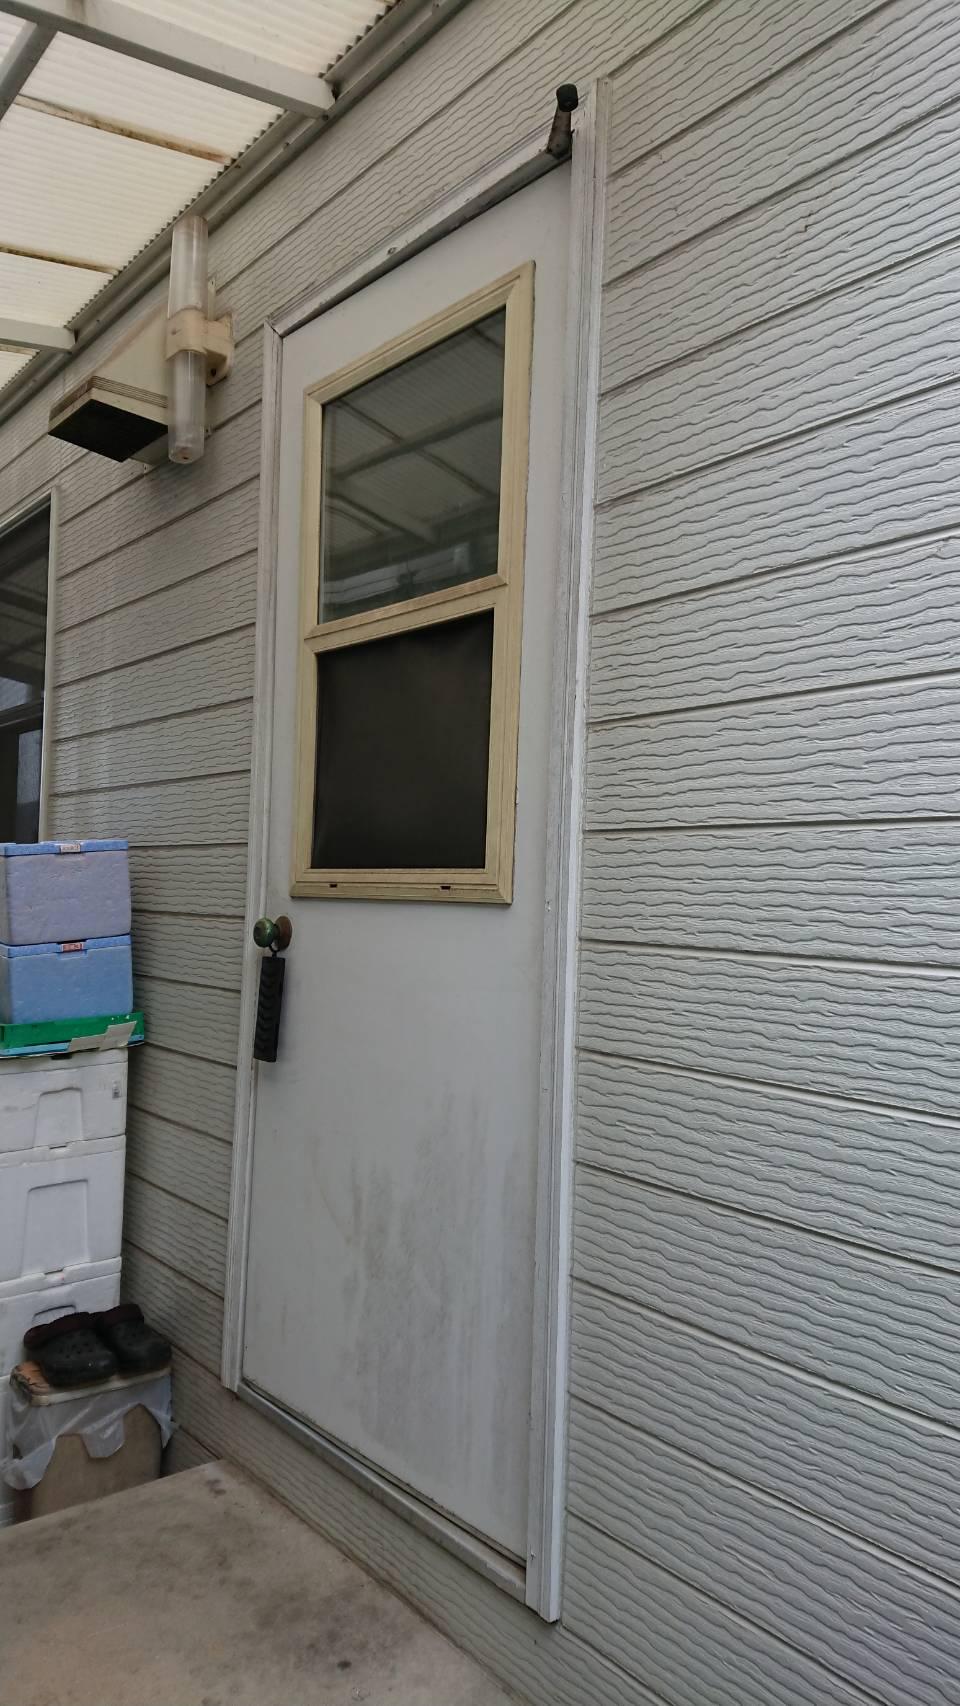 シーエス建材トーヨー住器の生活向上 勝手口交換 リシェント 岡山市の施工前の写真1